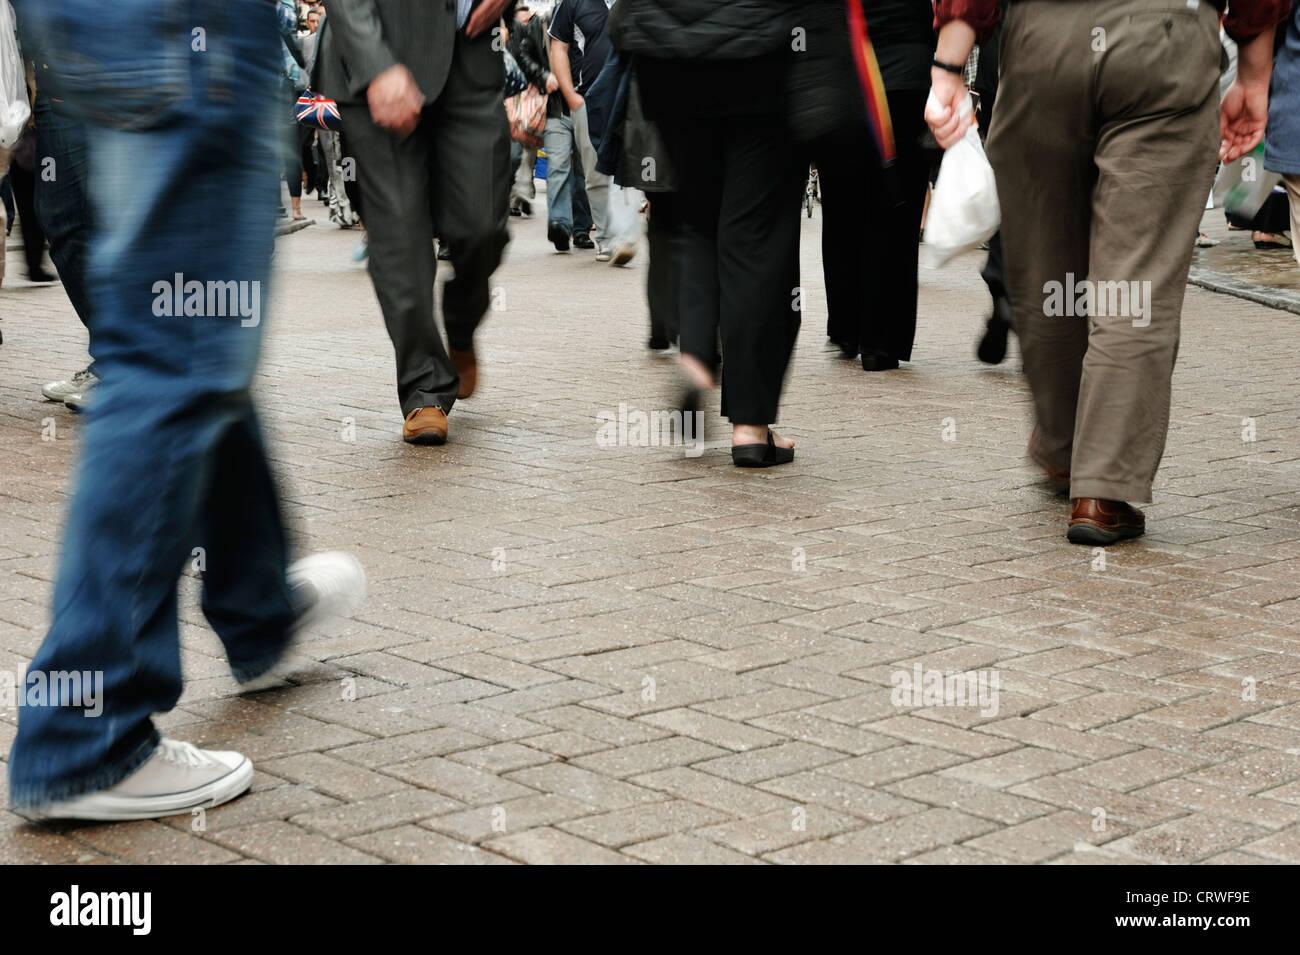 Una folla di persone con motion blur Immagini Stock